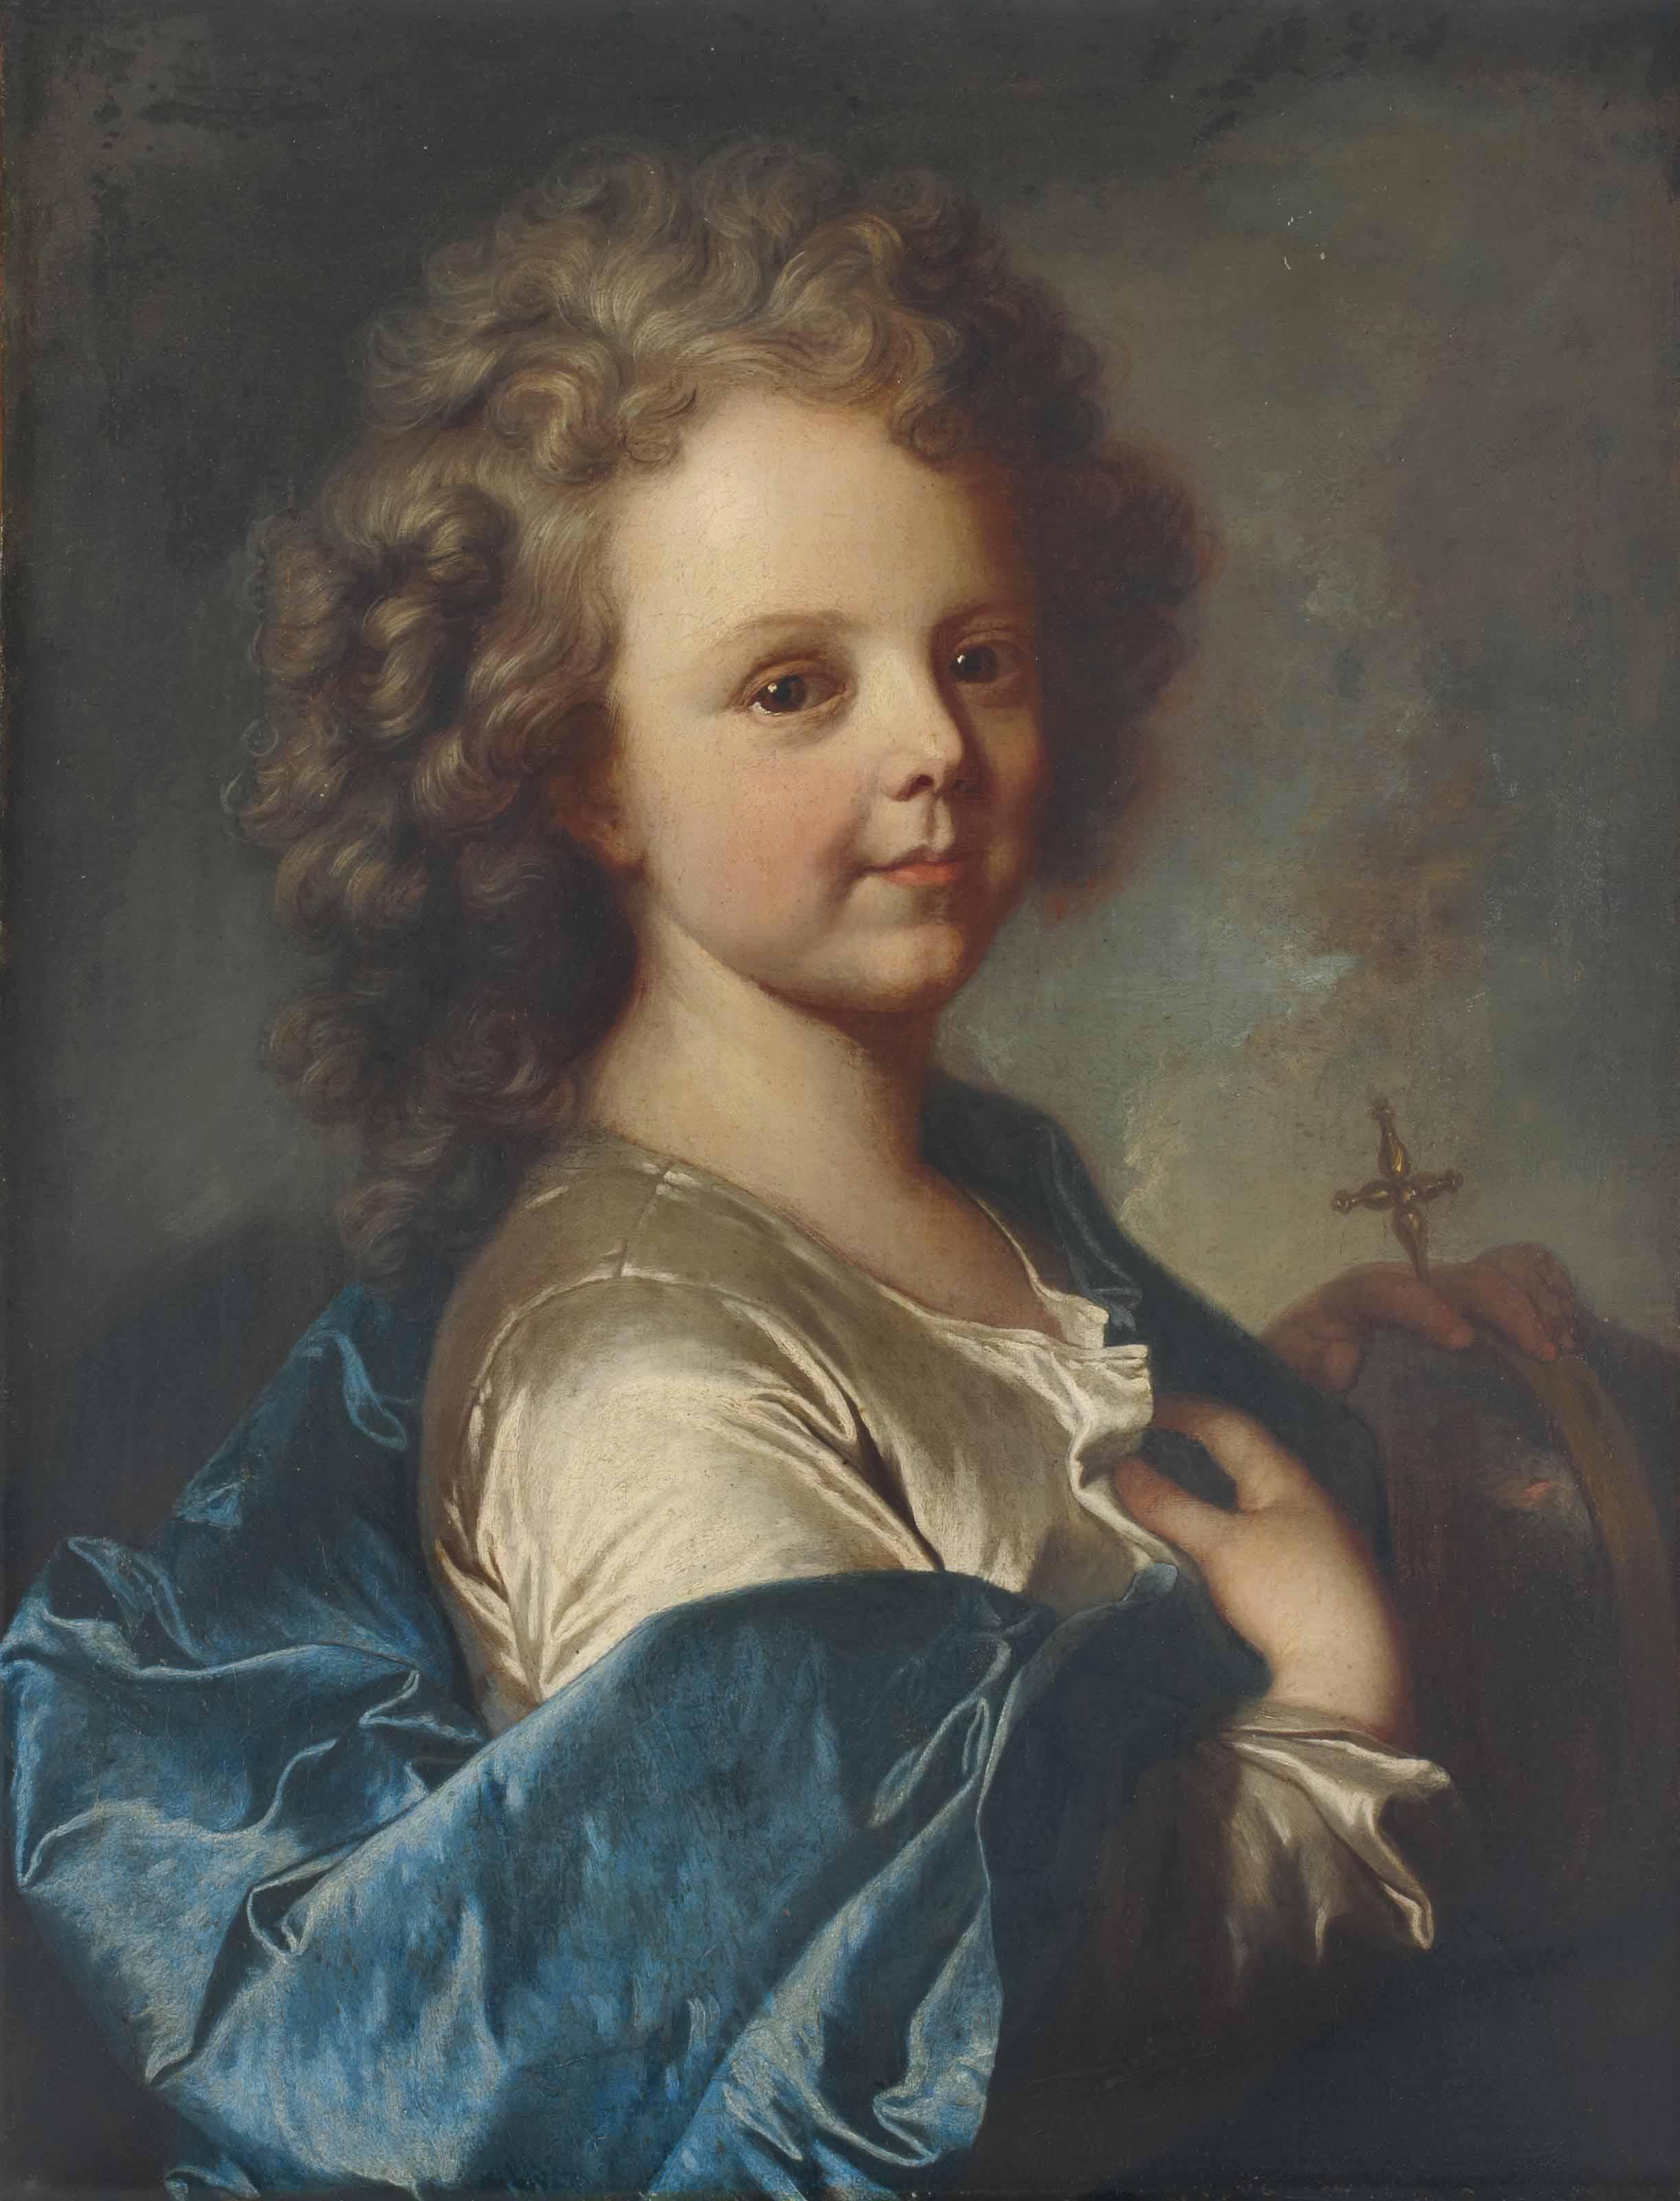 Portrait d'un enfant avec une cape bleue